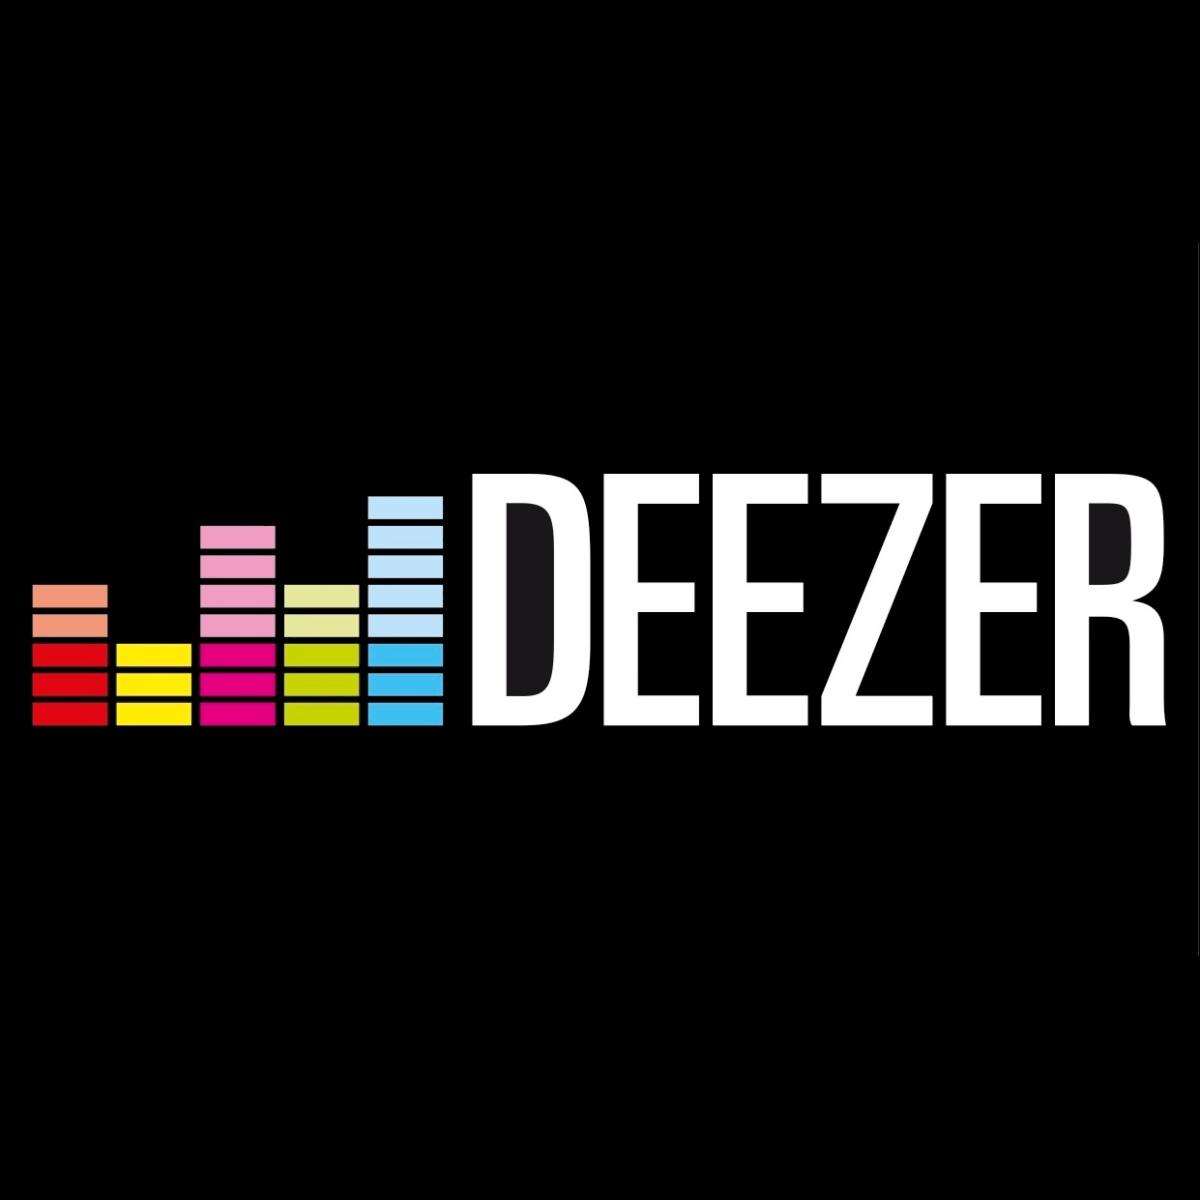 Deezer lanza la mejor oferta musical en España: acceso web y móvil ilimitado por tan solo 4,99 € almes